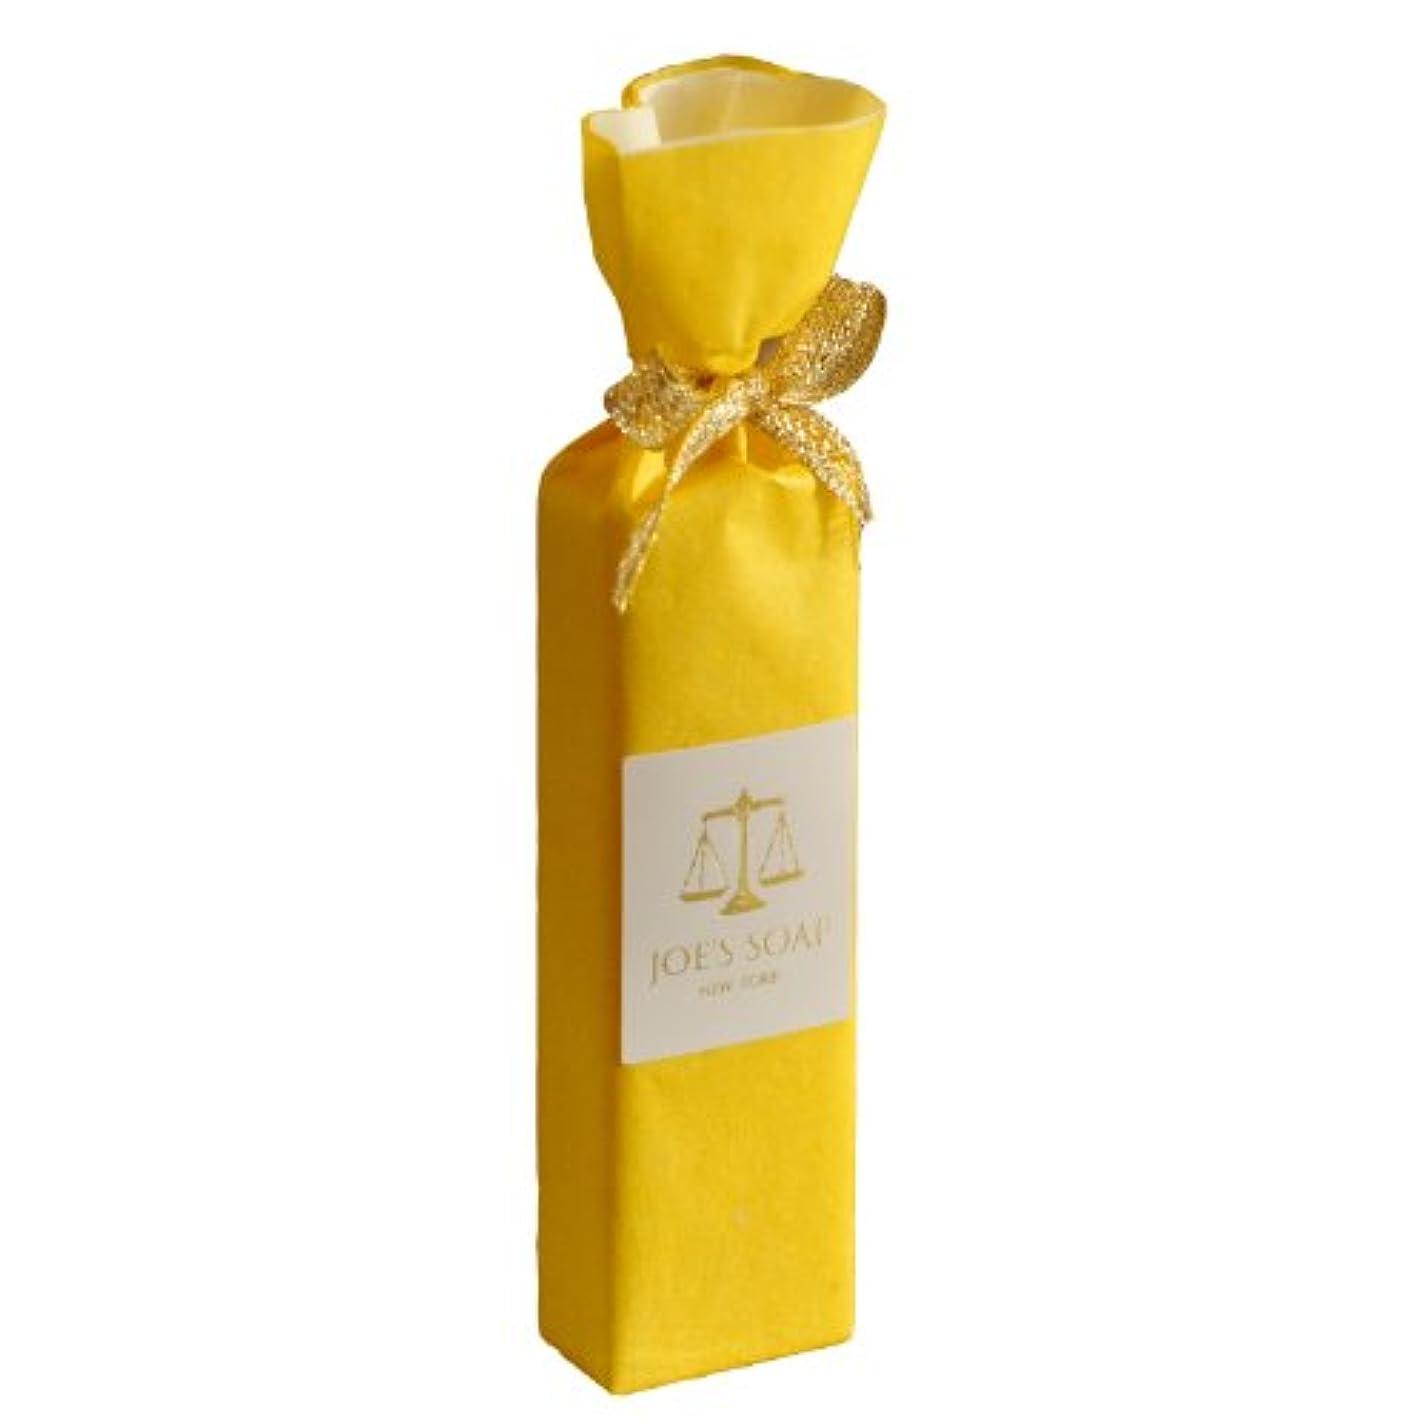 ハシー走るタイヤJOE'S SOAP ジョーズソープ オリーブソープ NO.6 CHAMOMILE カモミール 20g トライアル お試し無添加 オーガニック 石鹸 洗顔 保湿